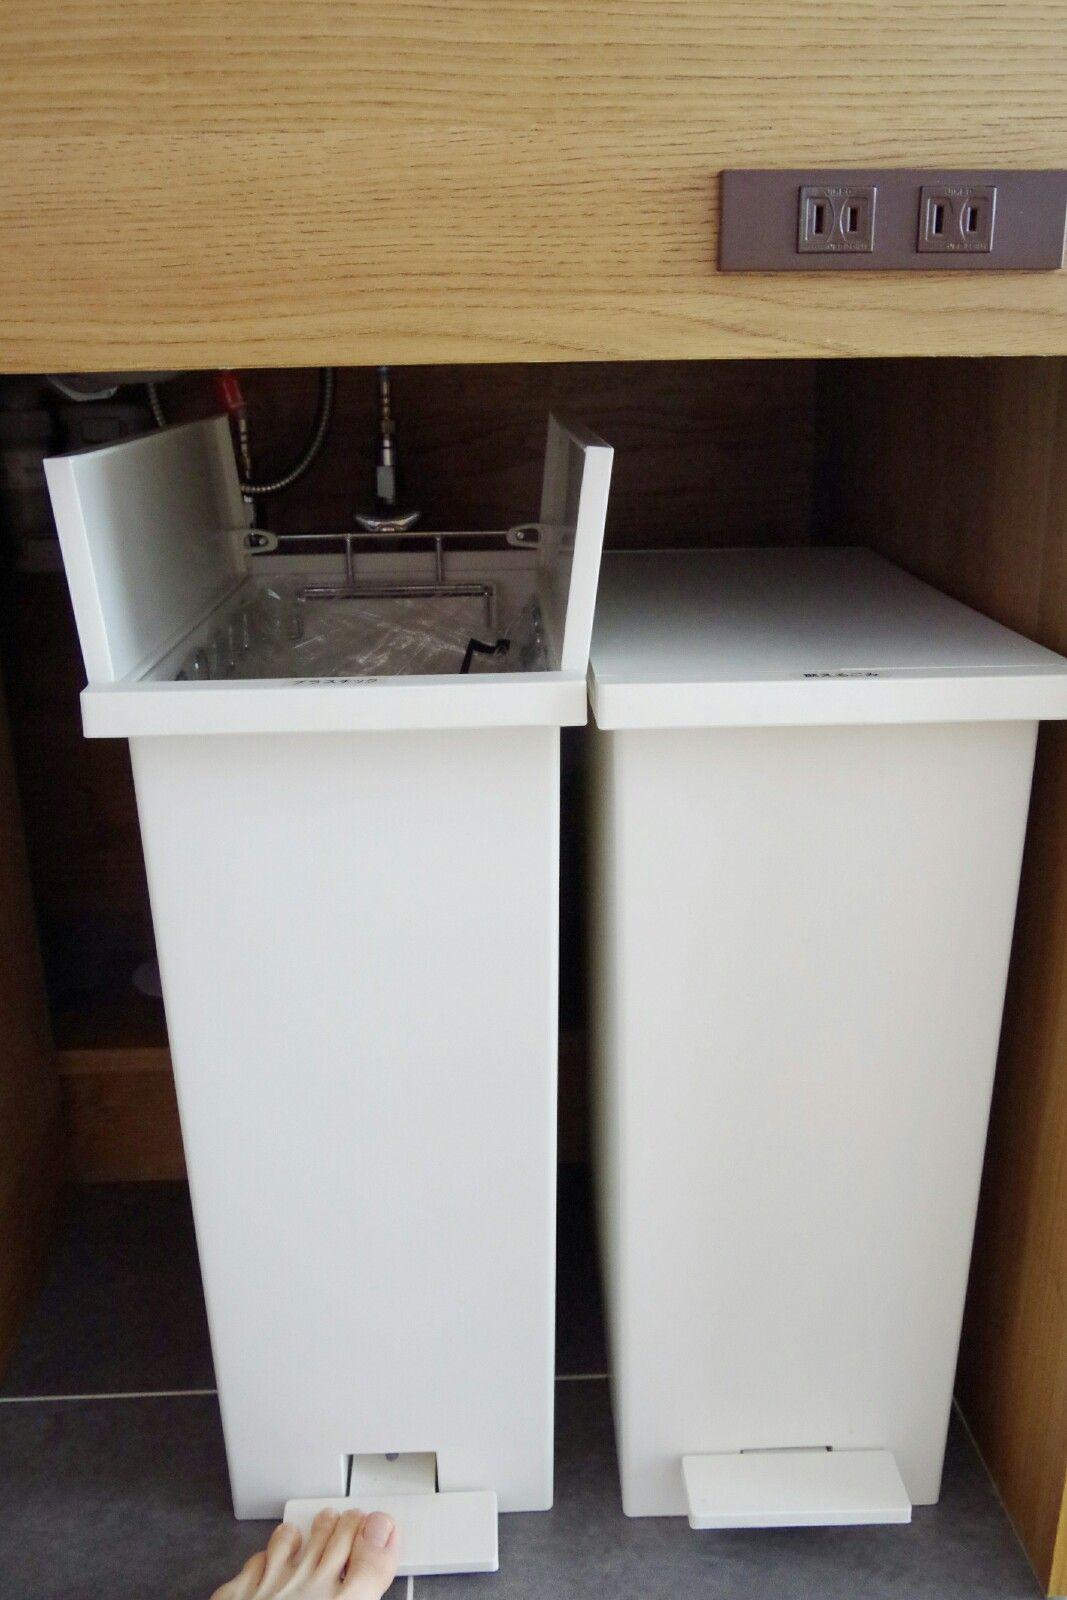 キッチンごみ箱のおすすめ置き場所 新築だからできる収納方法を紹介 ゴミ箱 おしゃれ キッチン キッチン ゴミ箱 収納 ゴミ箱 キッチン